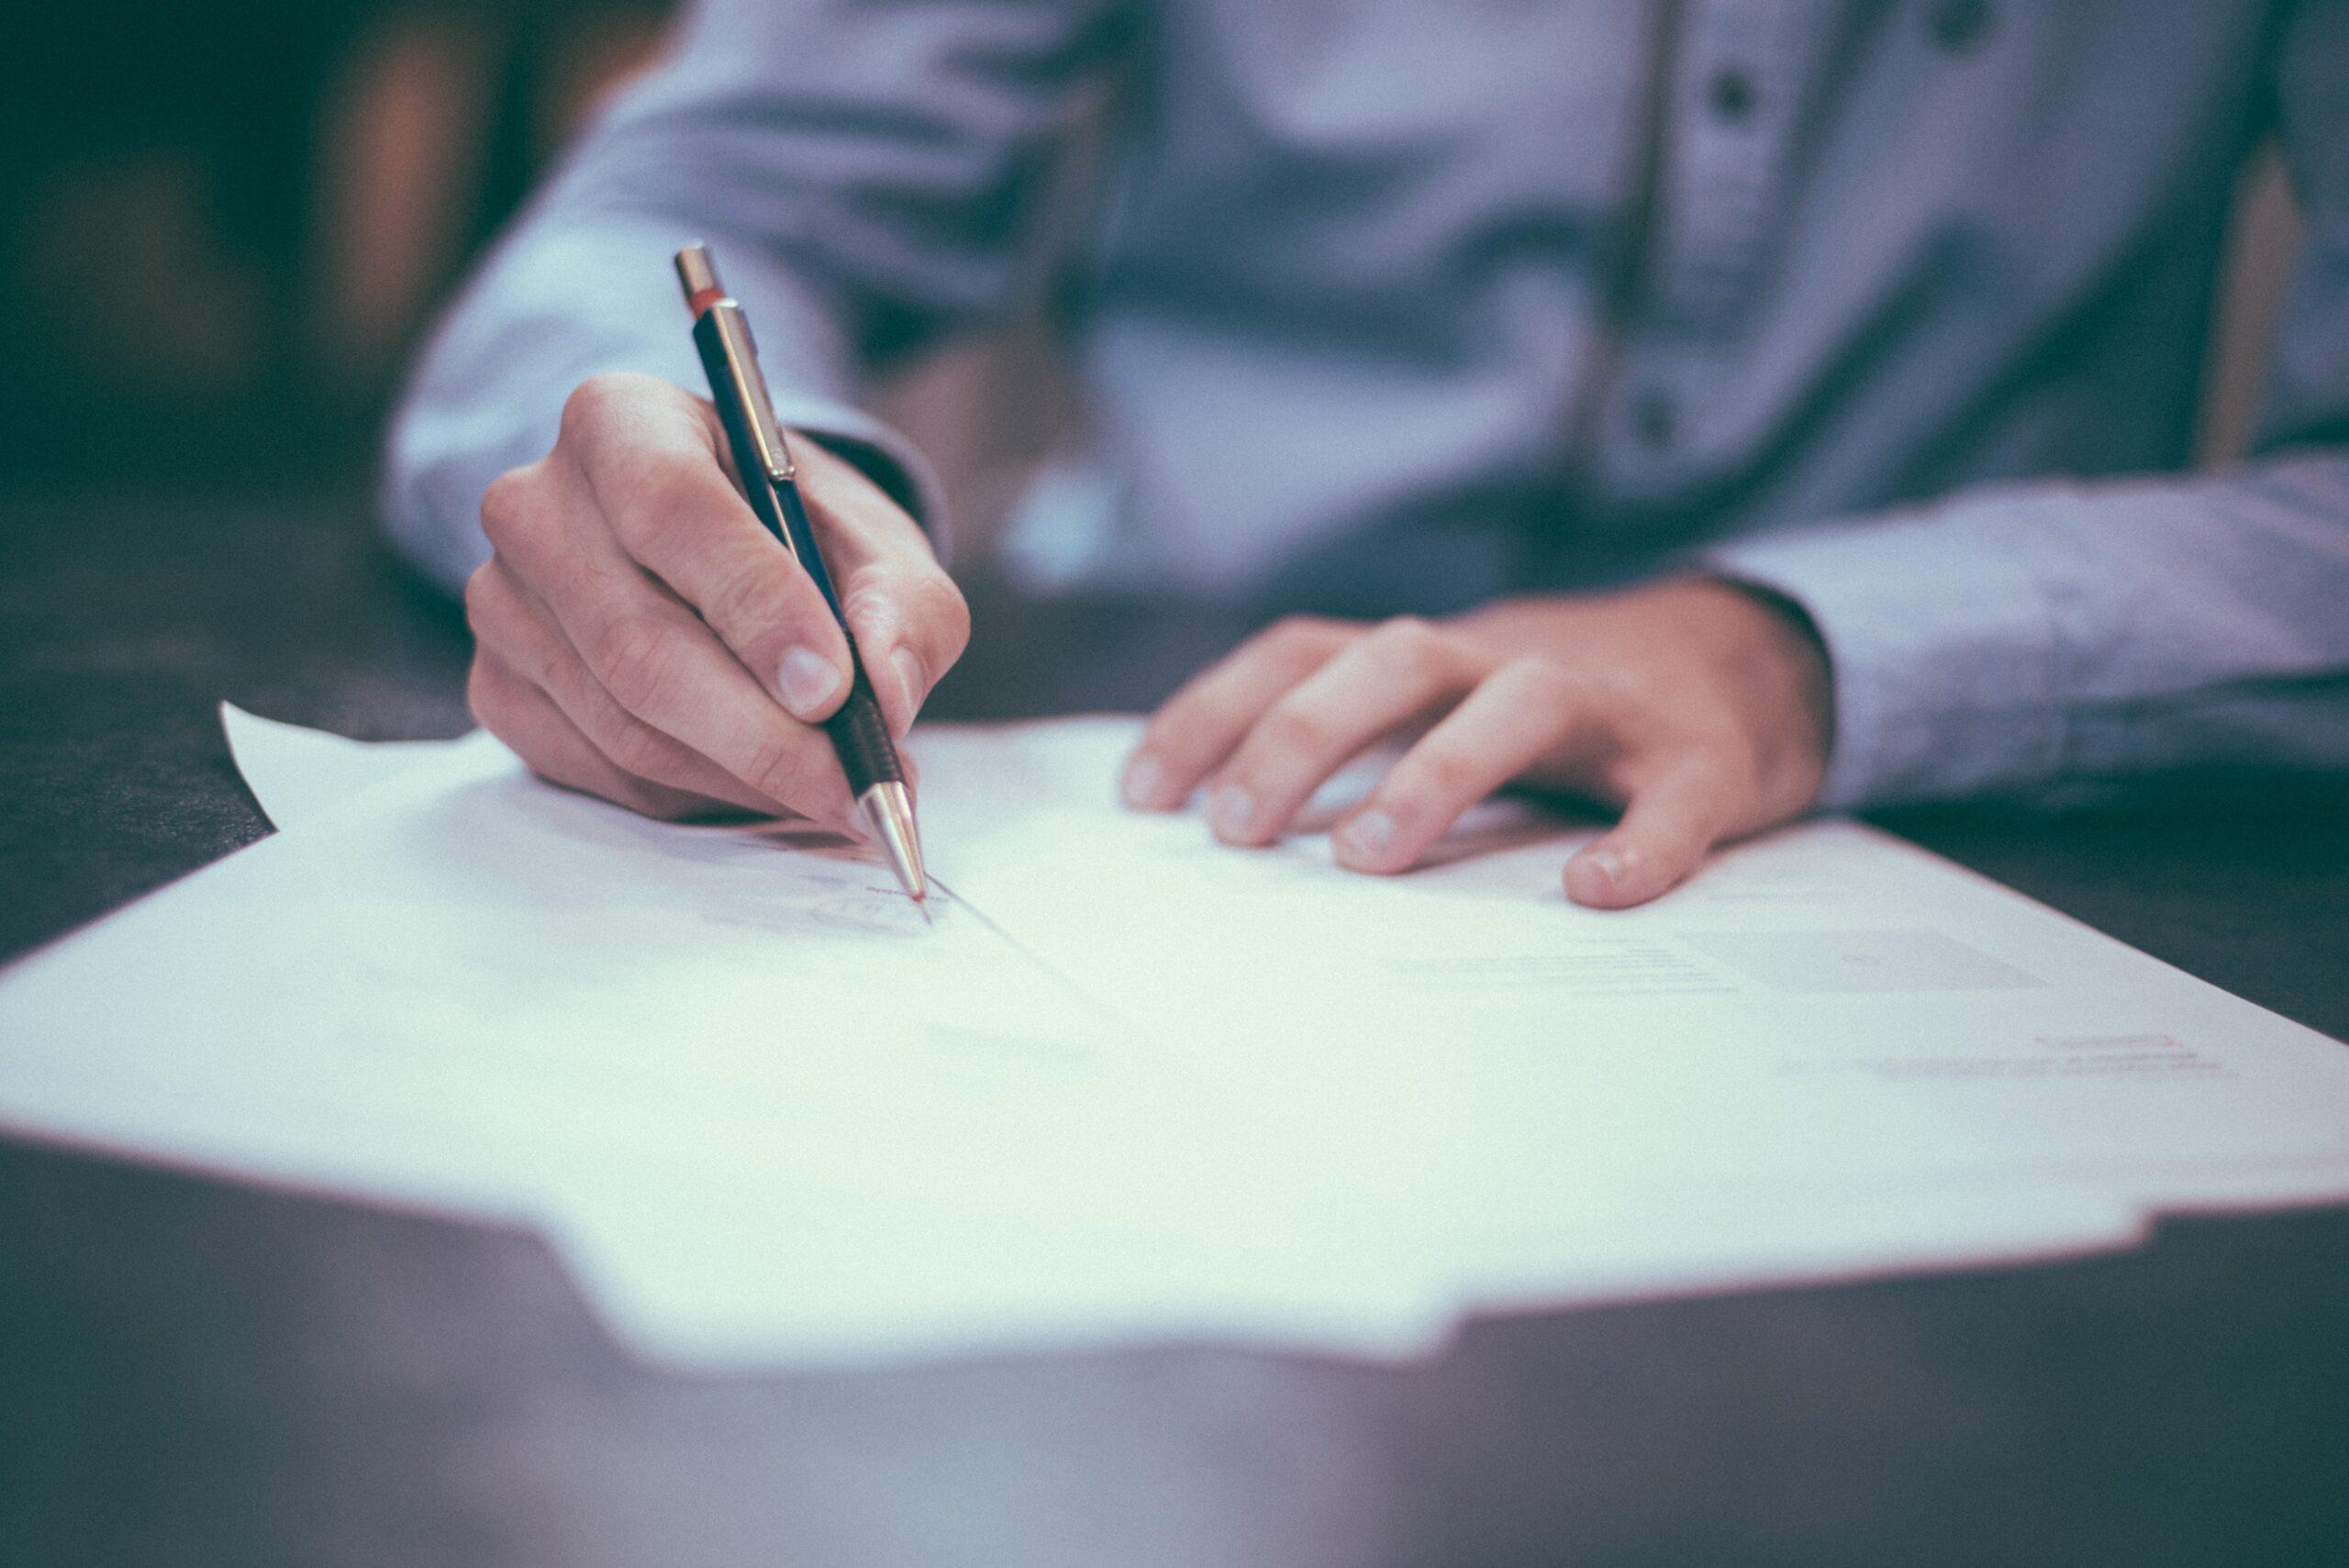 Advokaat esitas 11. juunil 2021. a Pärnu Haigla vastu hagi töölepingu erakorralise ülesütlemise tühisuse tuvastamiseks.